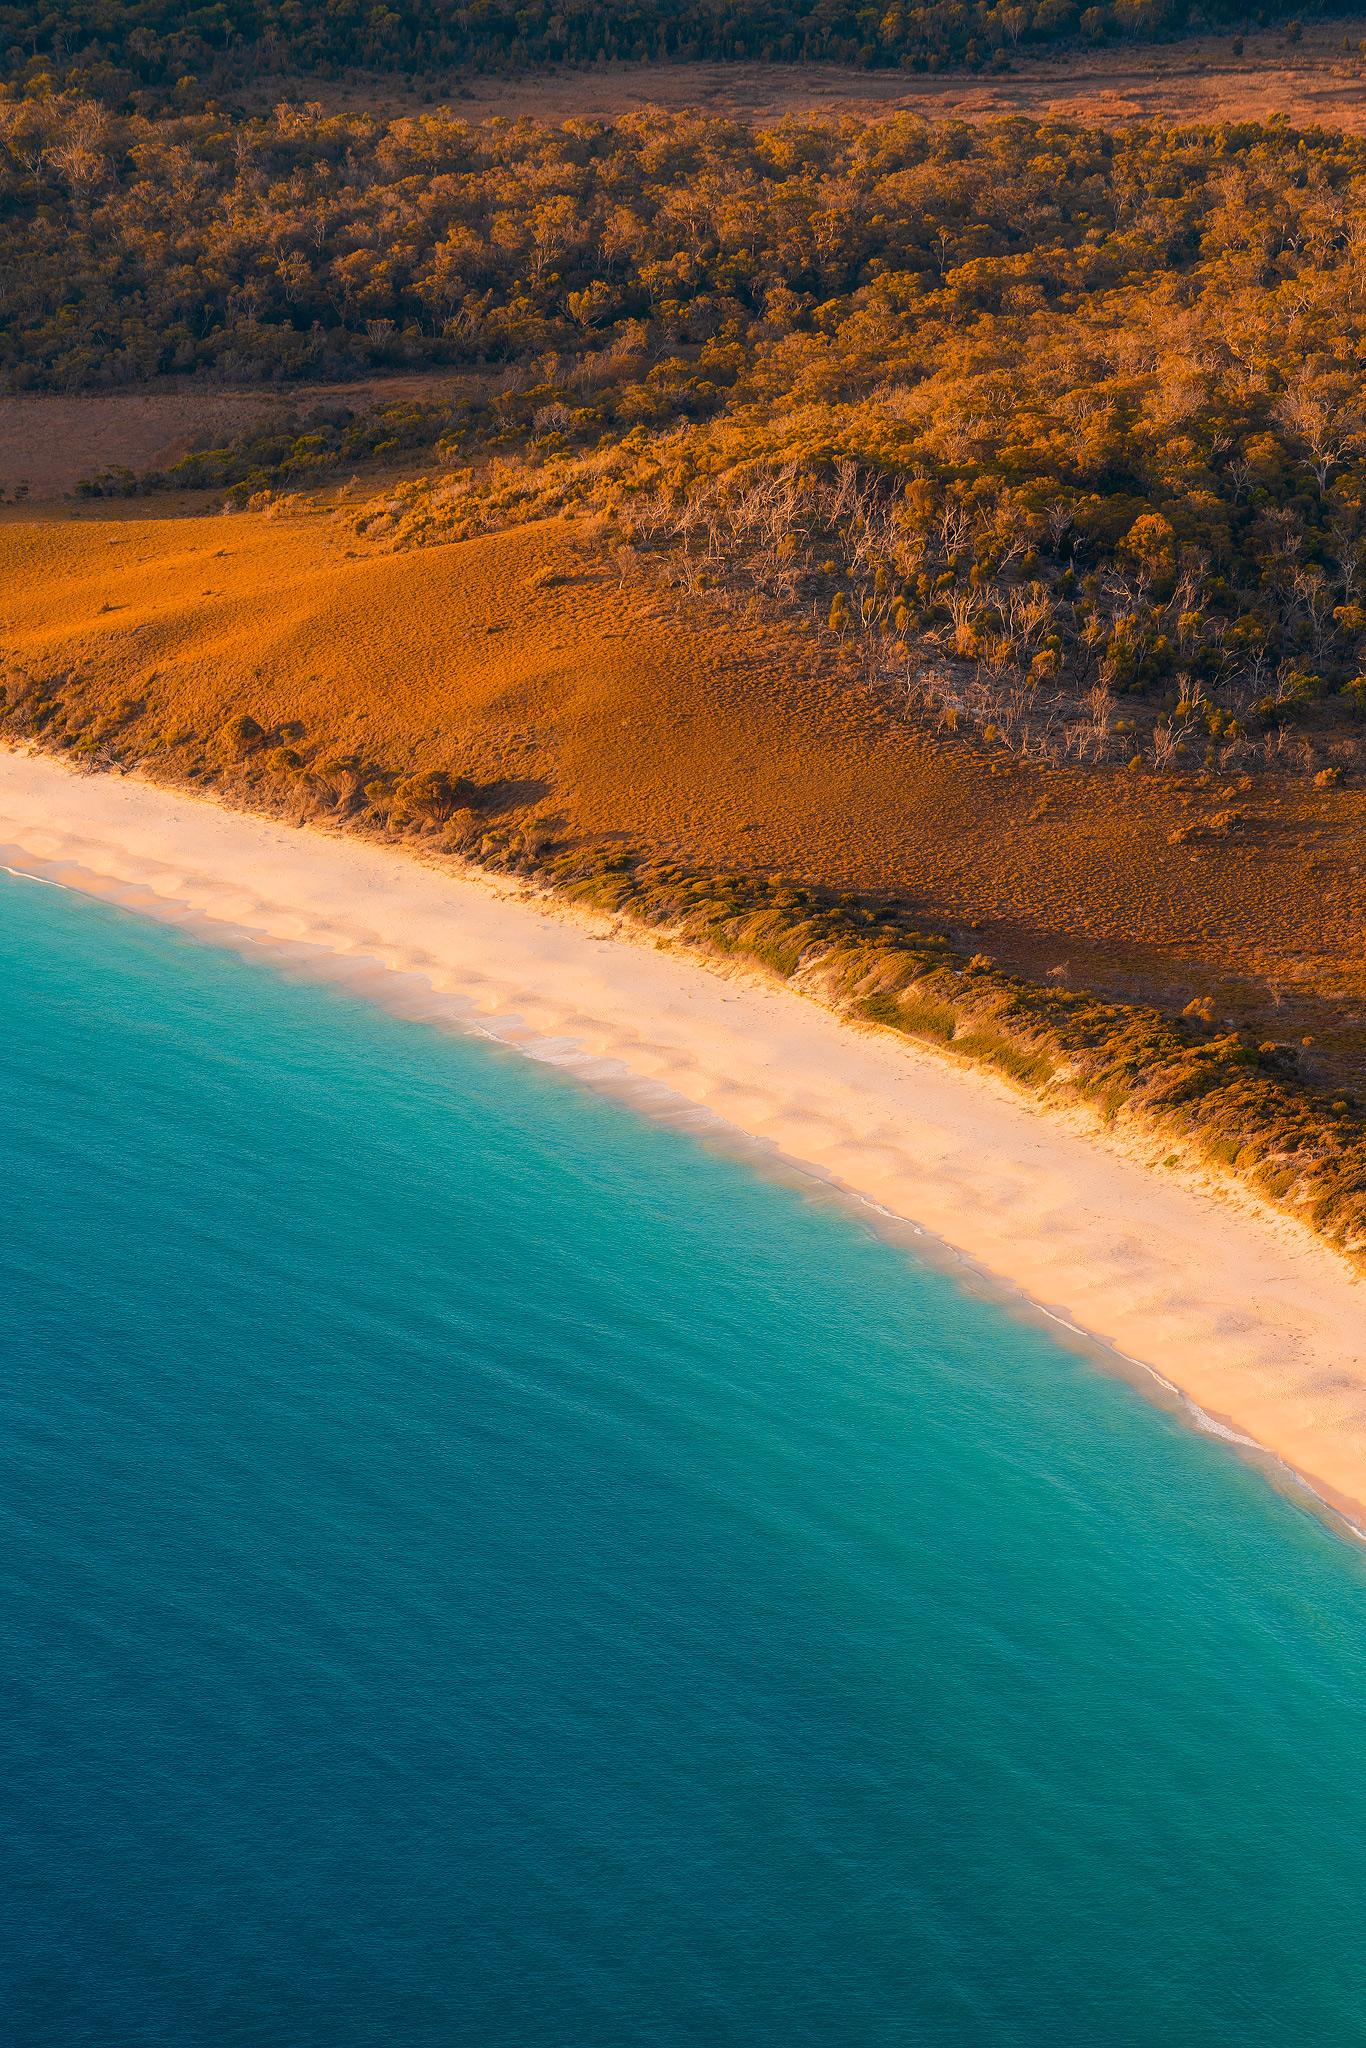 MattDonovan_Tasmania_WineglassBay01_FB.jpg